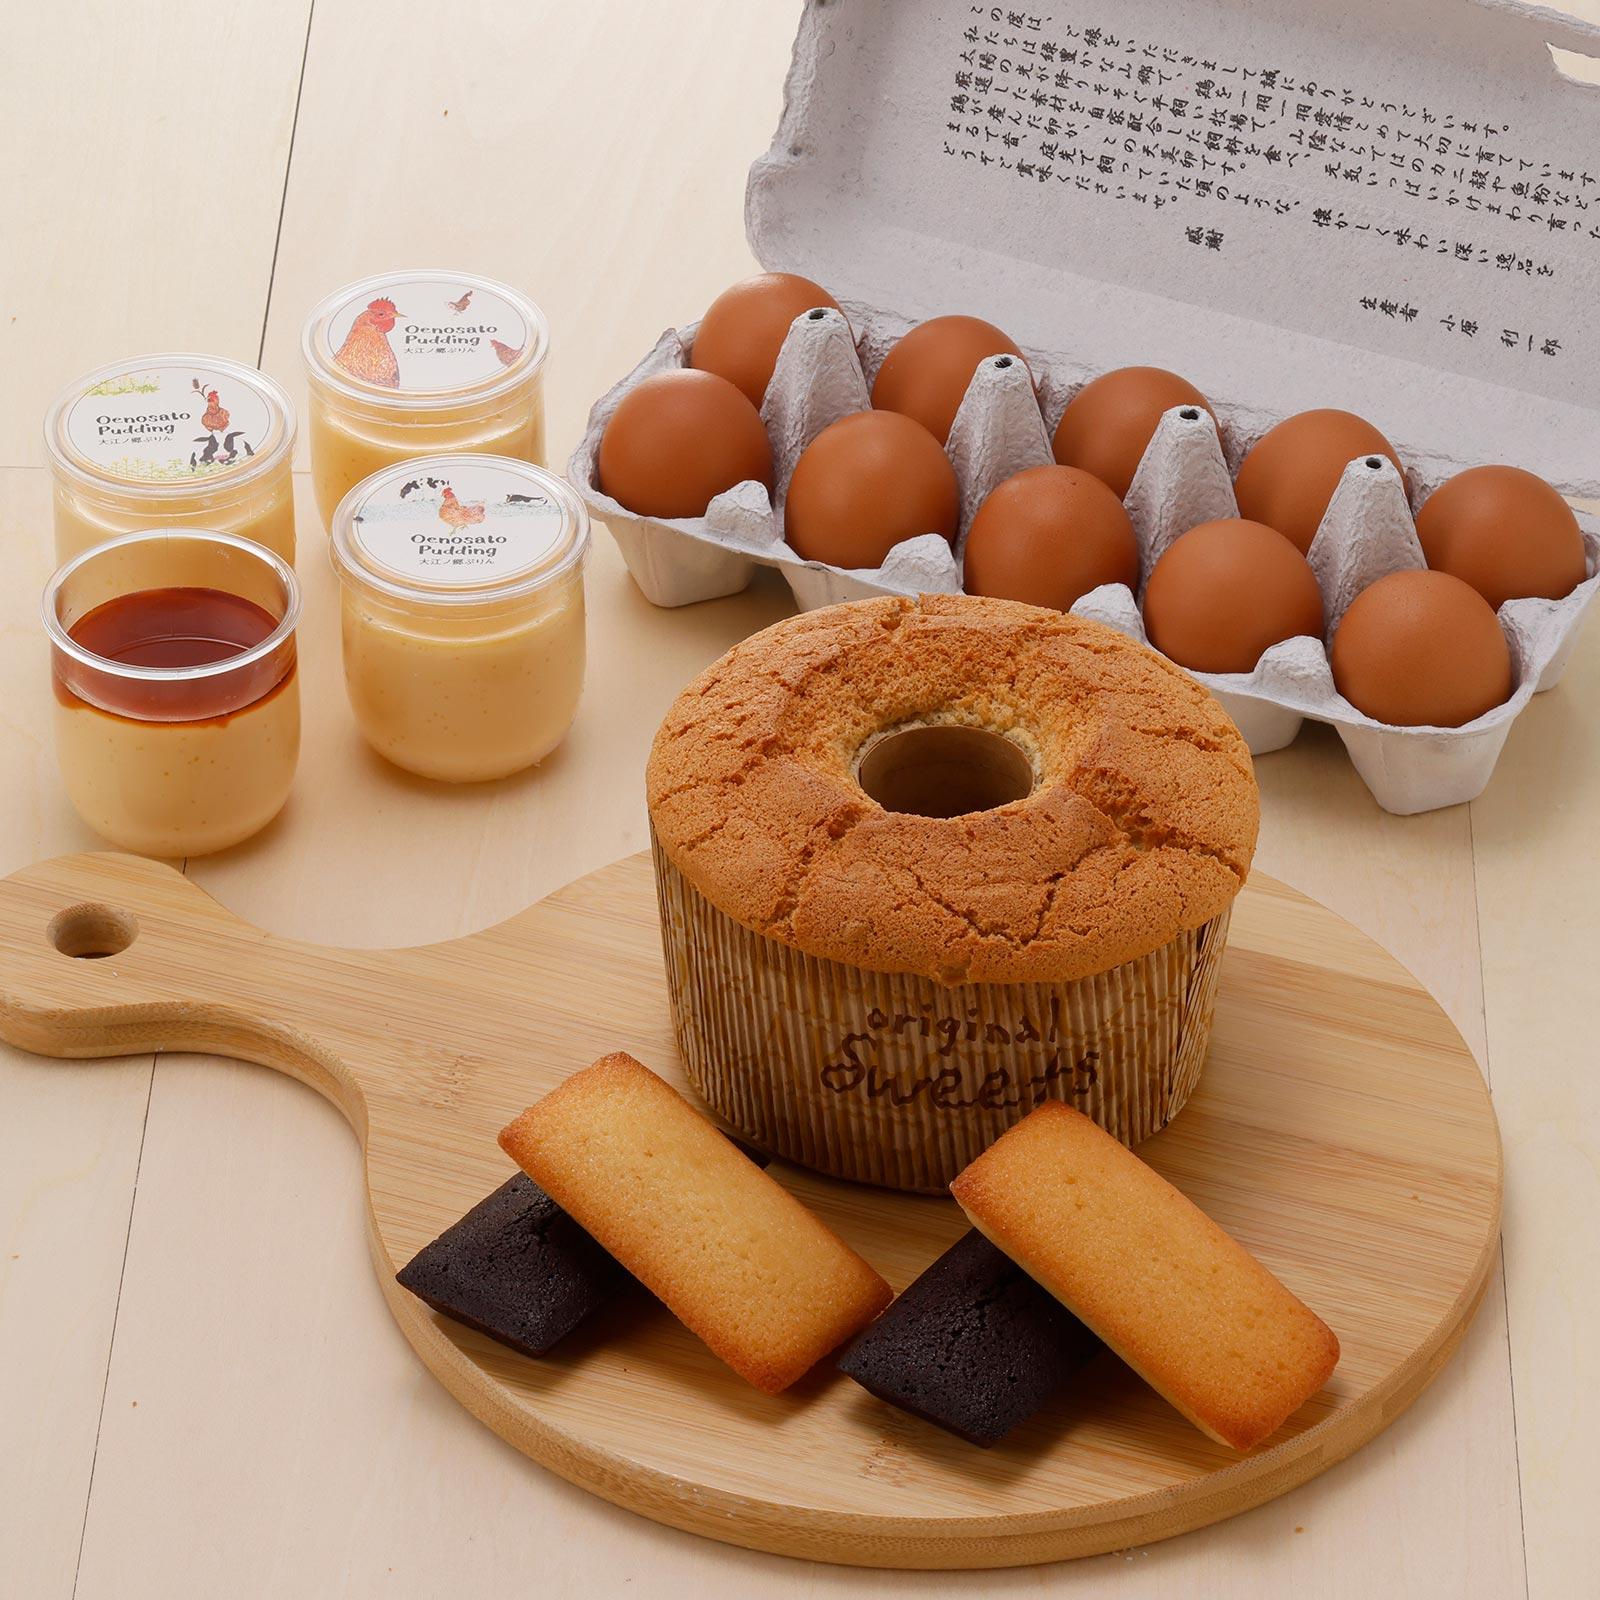 食べきりサイズの和栗シフォンケーキにぷりん、発酵バターが香るフィナンシェ、天美卵を詰め合わせた秋限定ギフトセット